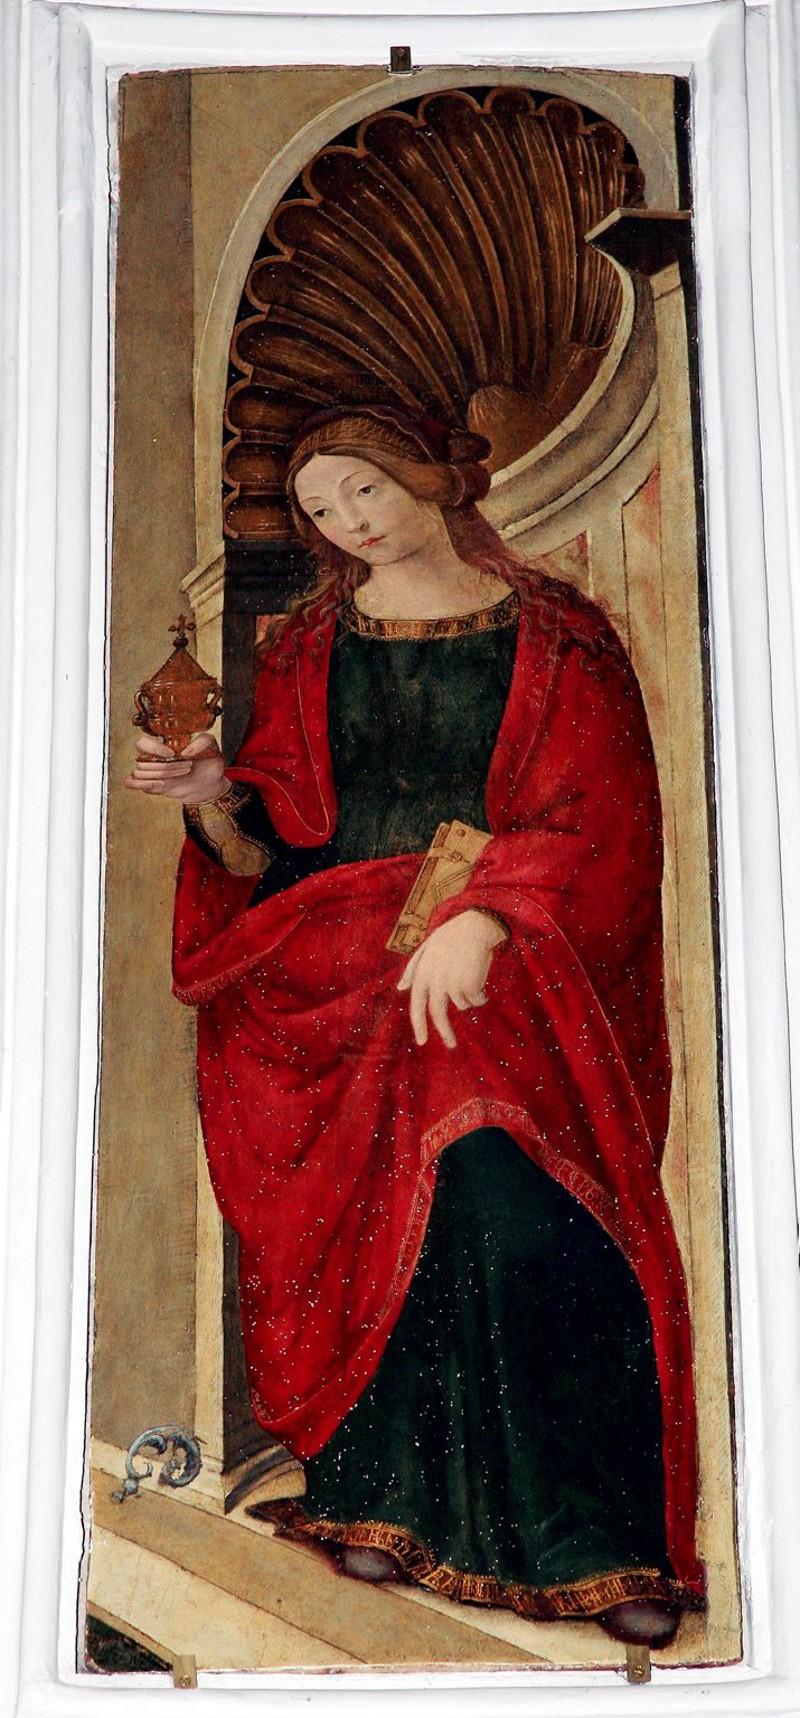 Scuola toscana inizio sec. XVI, Santa Maria Maddalena